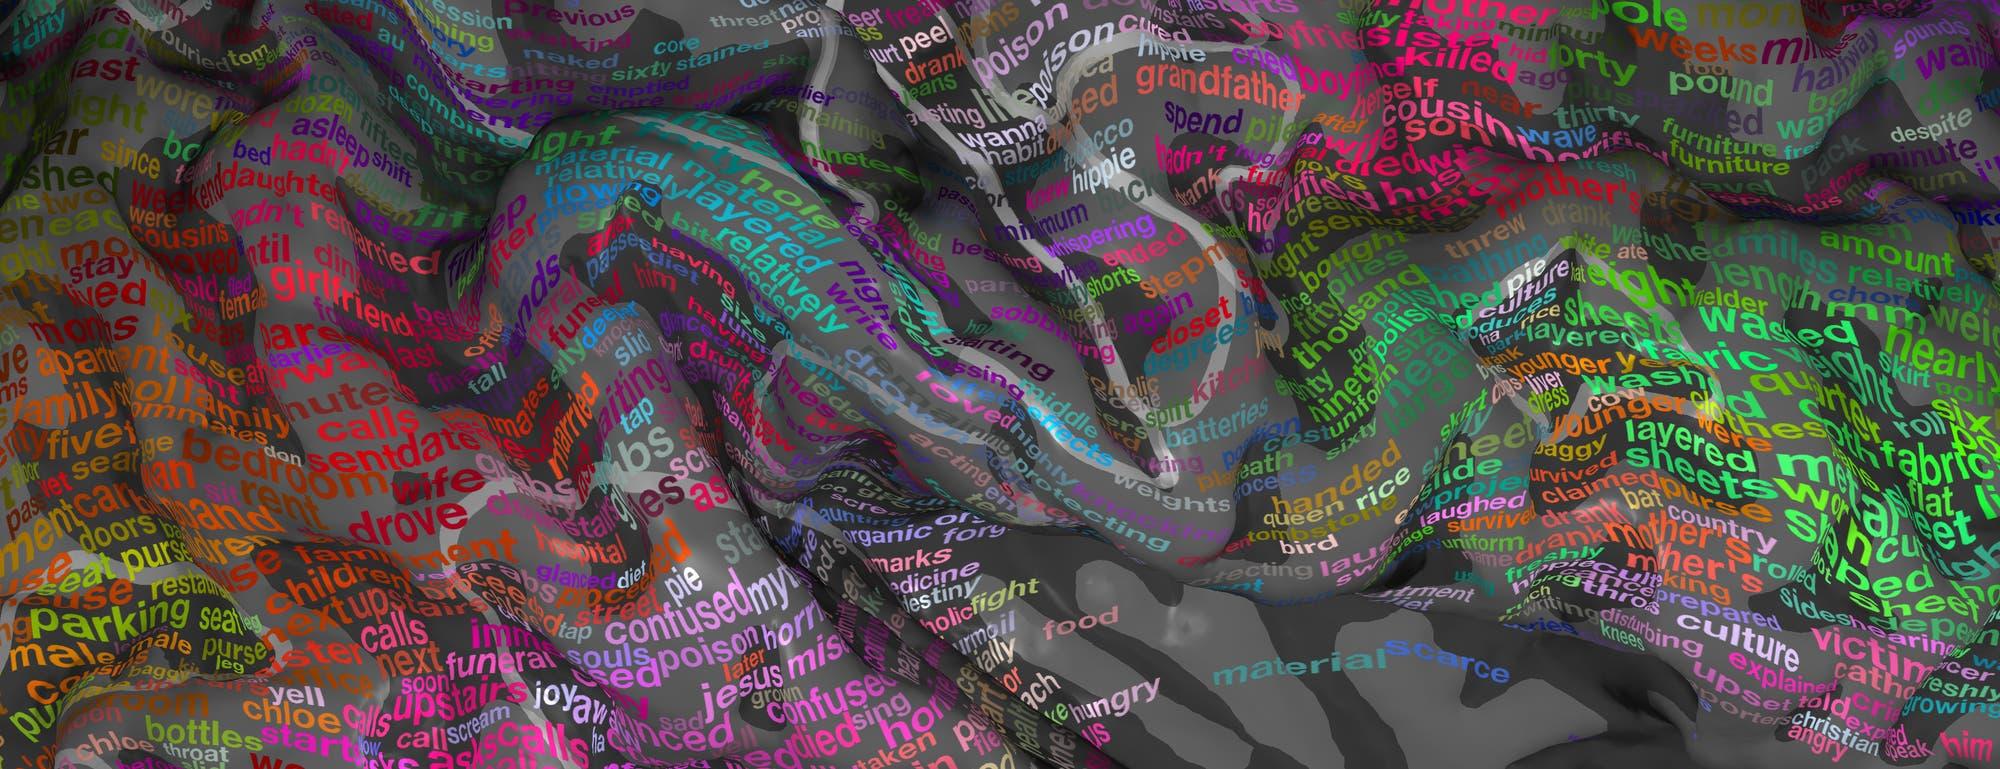 Eine semantische Karte des Gehirns